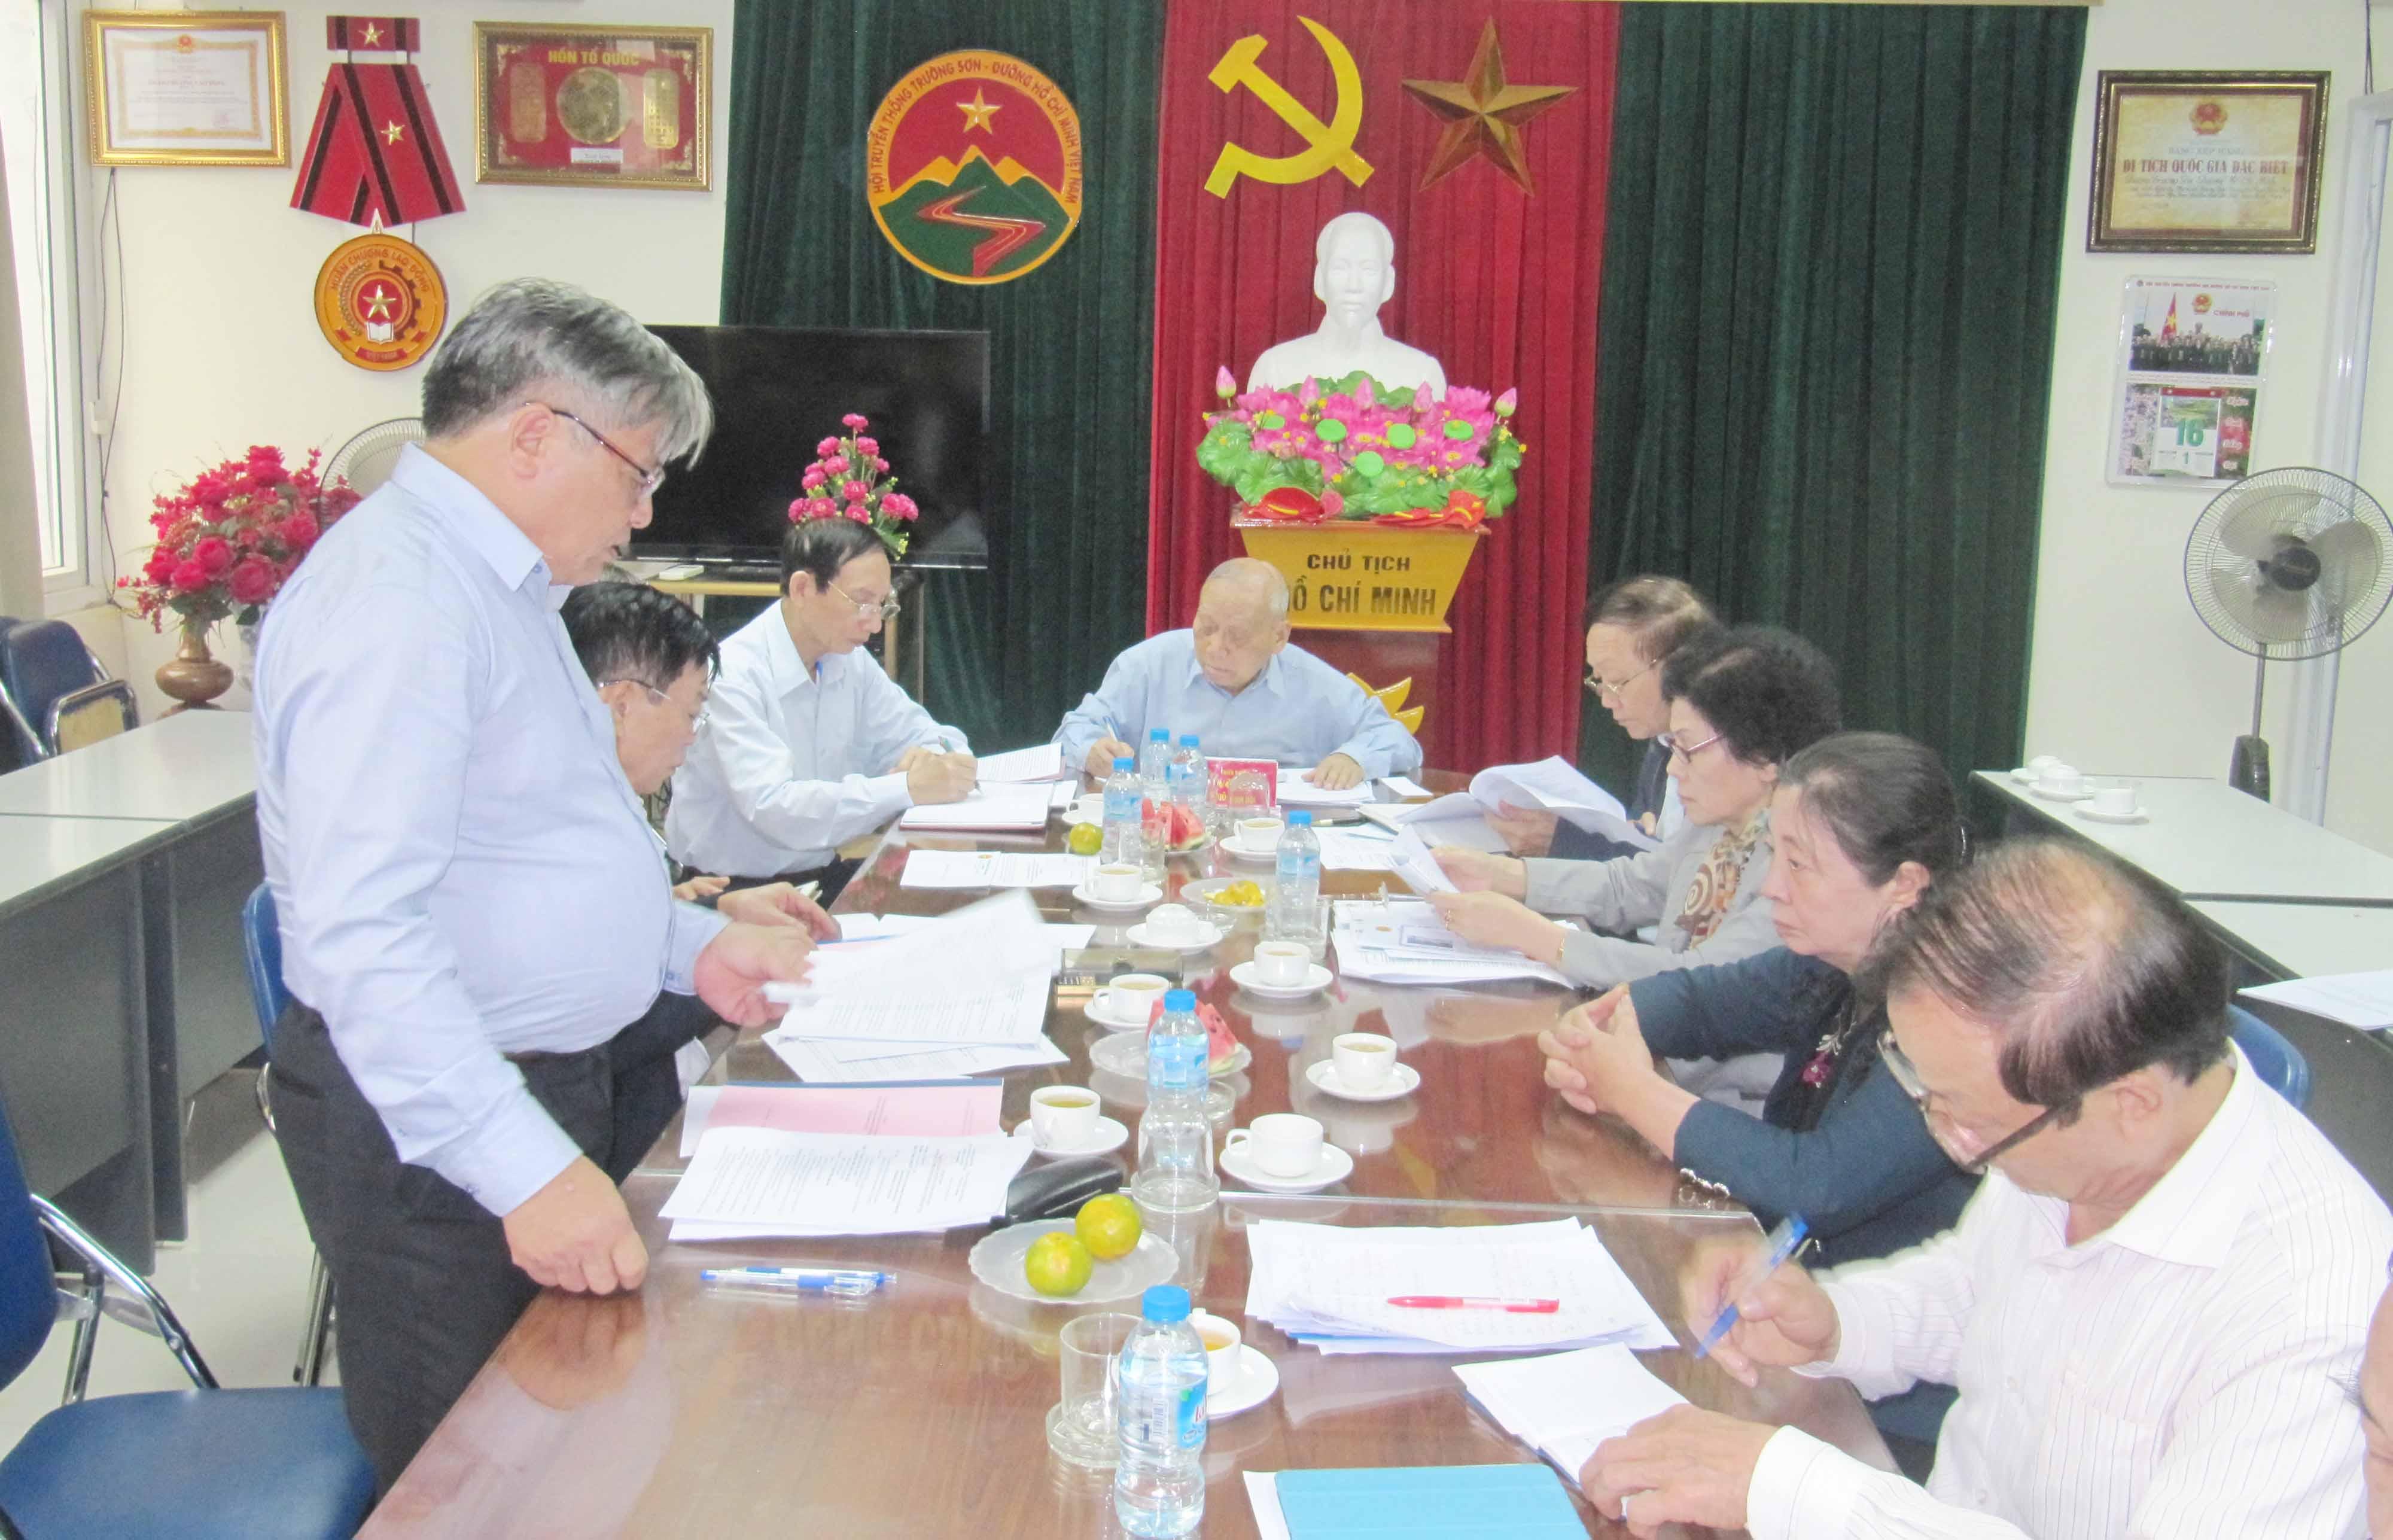 Hội TS Nam Định chuẩn bị Đại hội nhiệm kỳ II